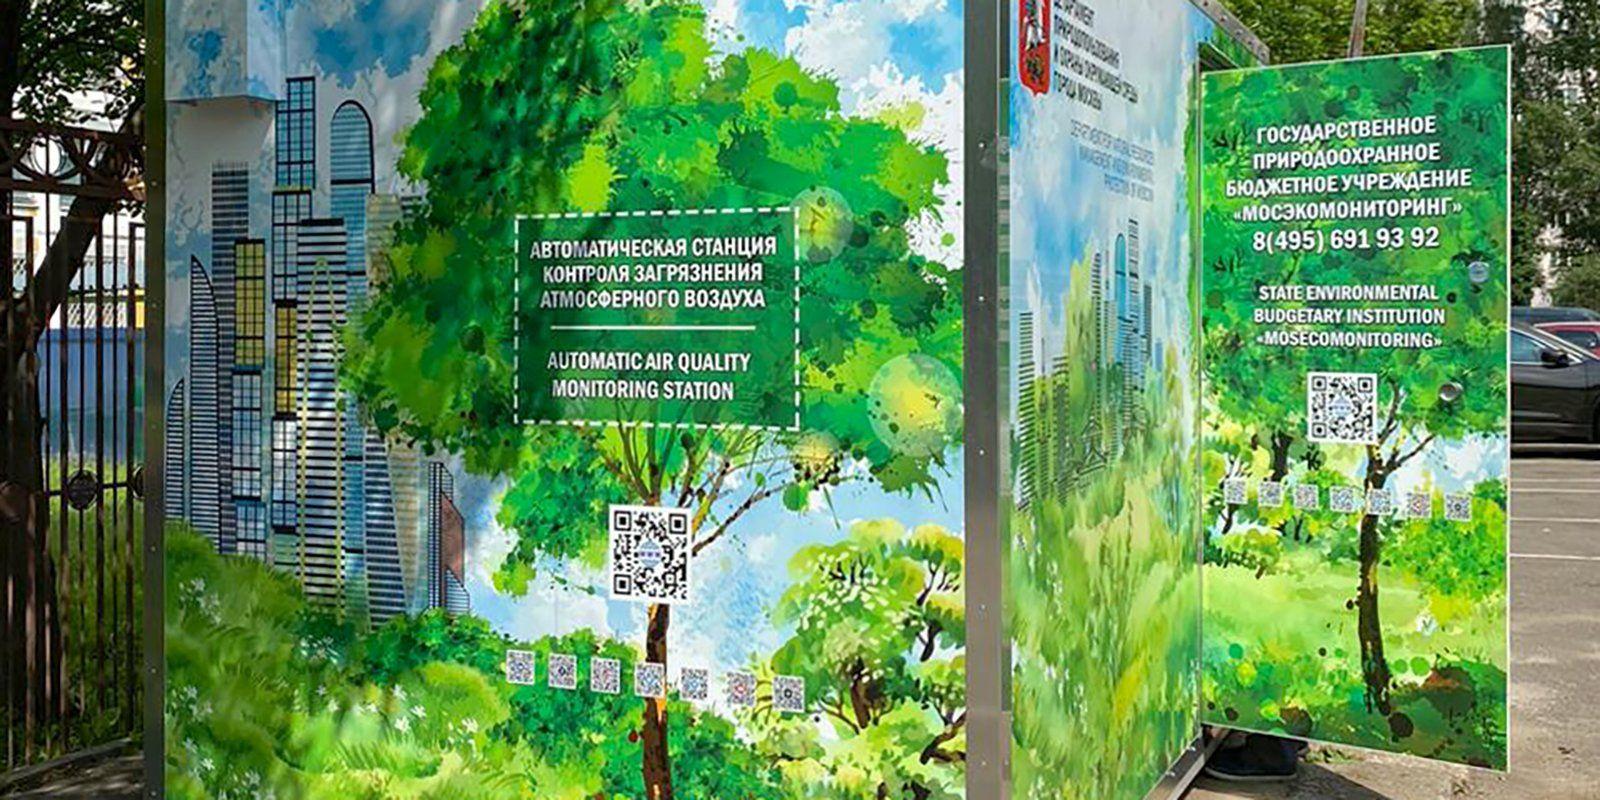 Летом планируется заменить 13 станций контроля воздуха. Фото: сайт мэра Москвы